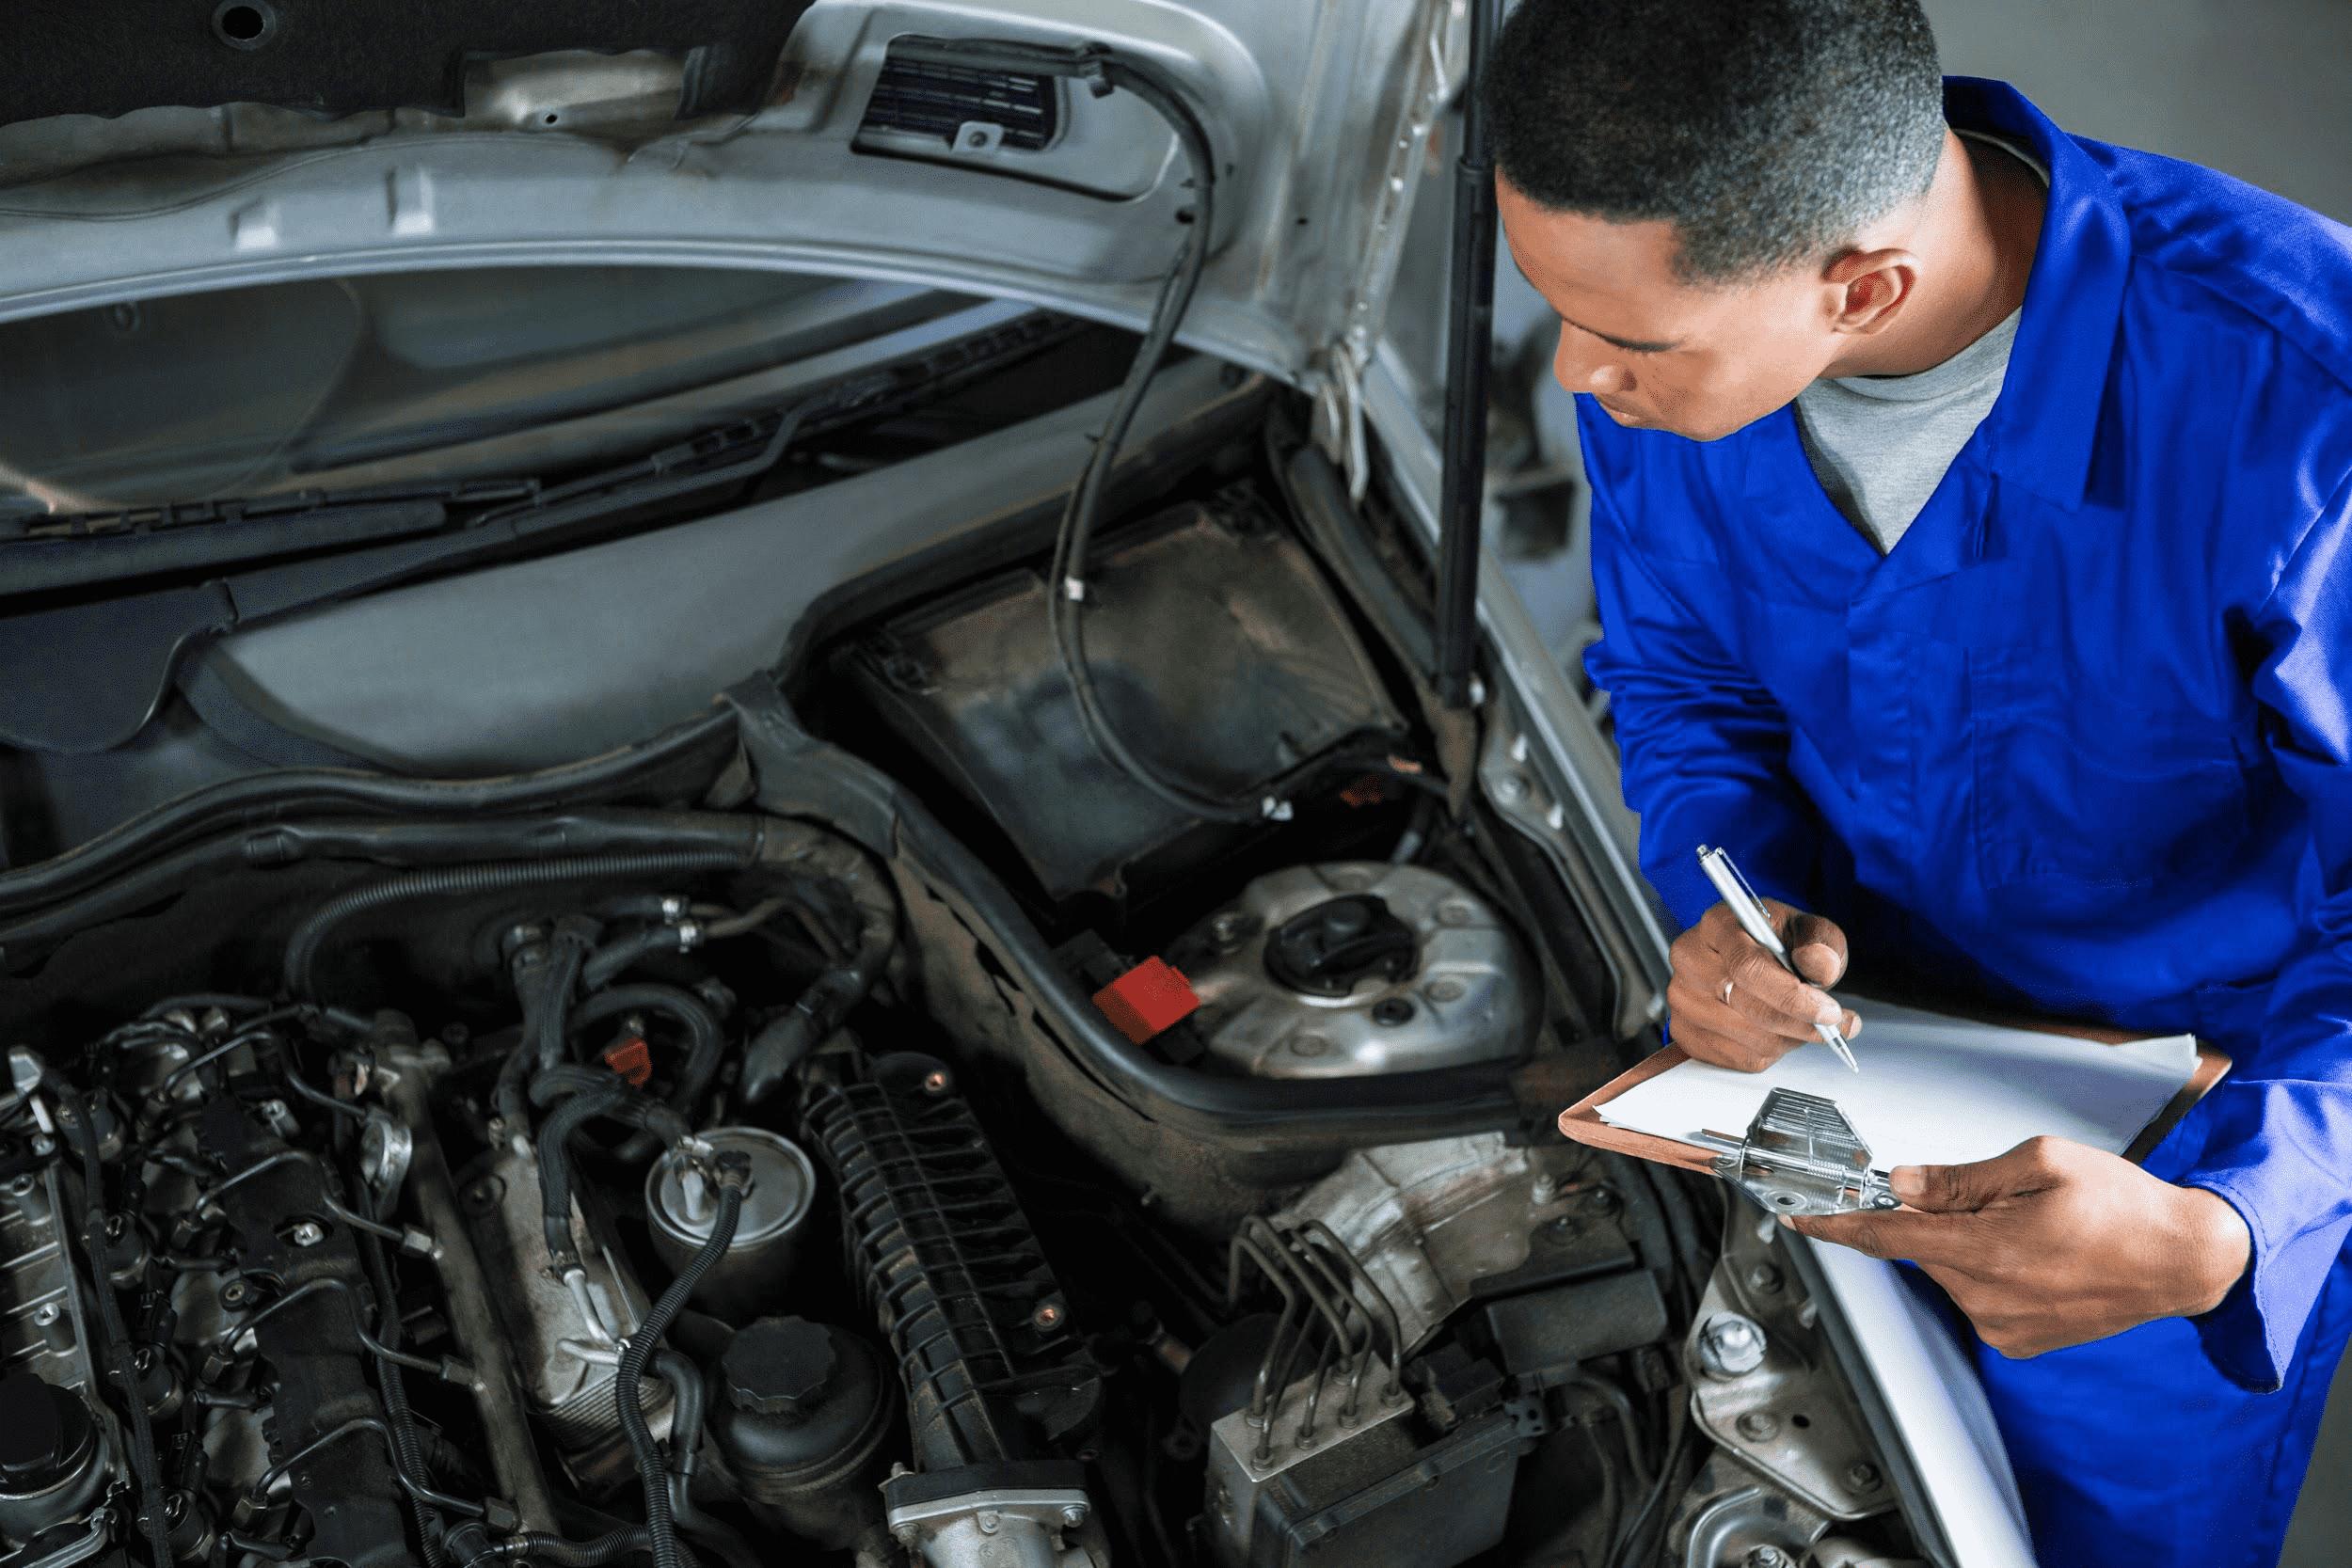 Os motores de carros são máquinas térmicas, cuja eficiência pode ser melhorada com auxílio da termodinâmica.